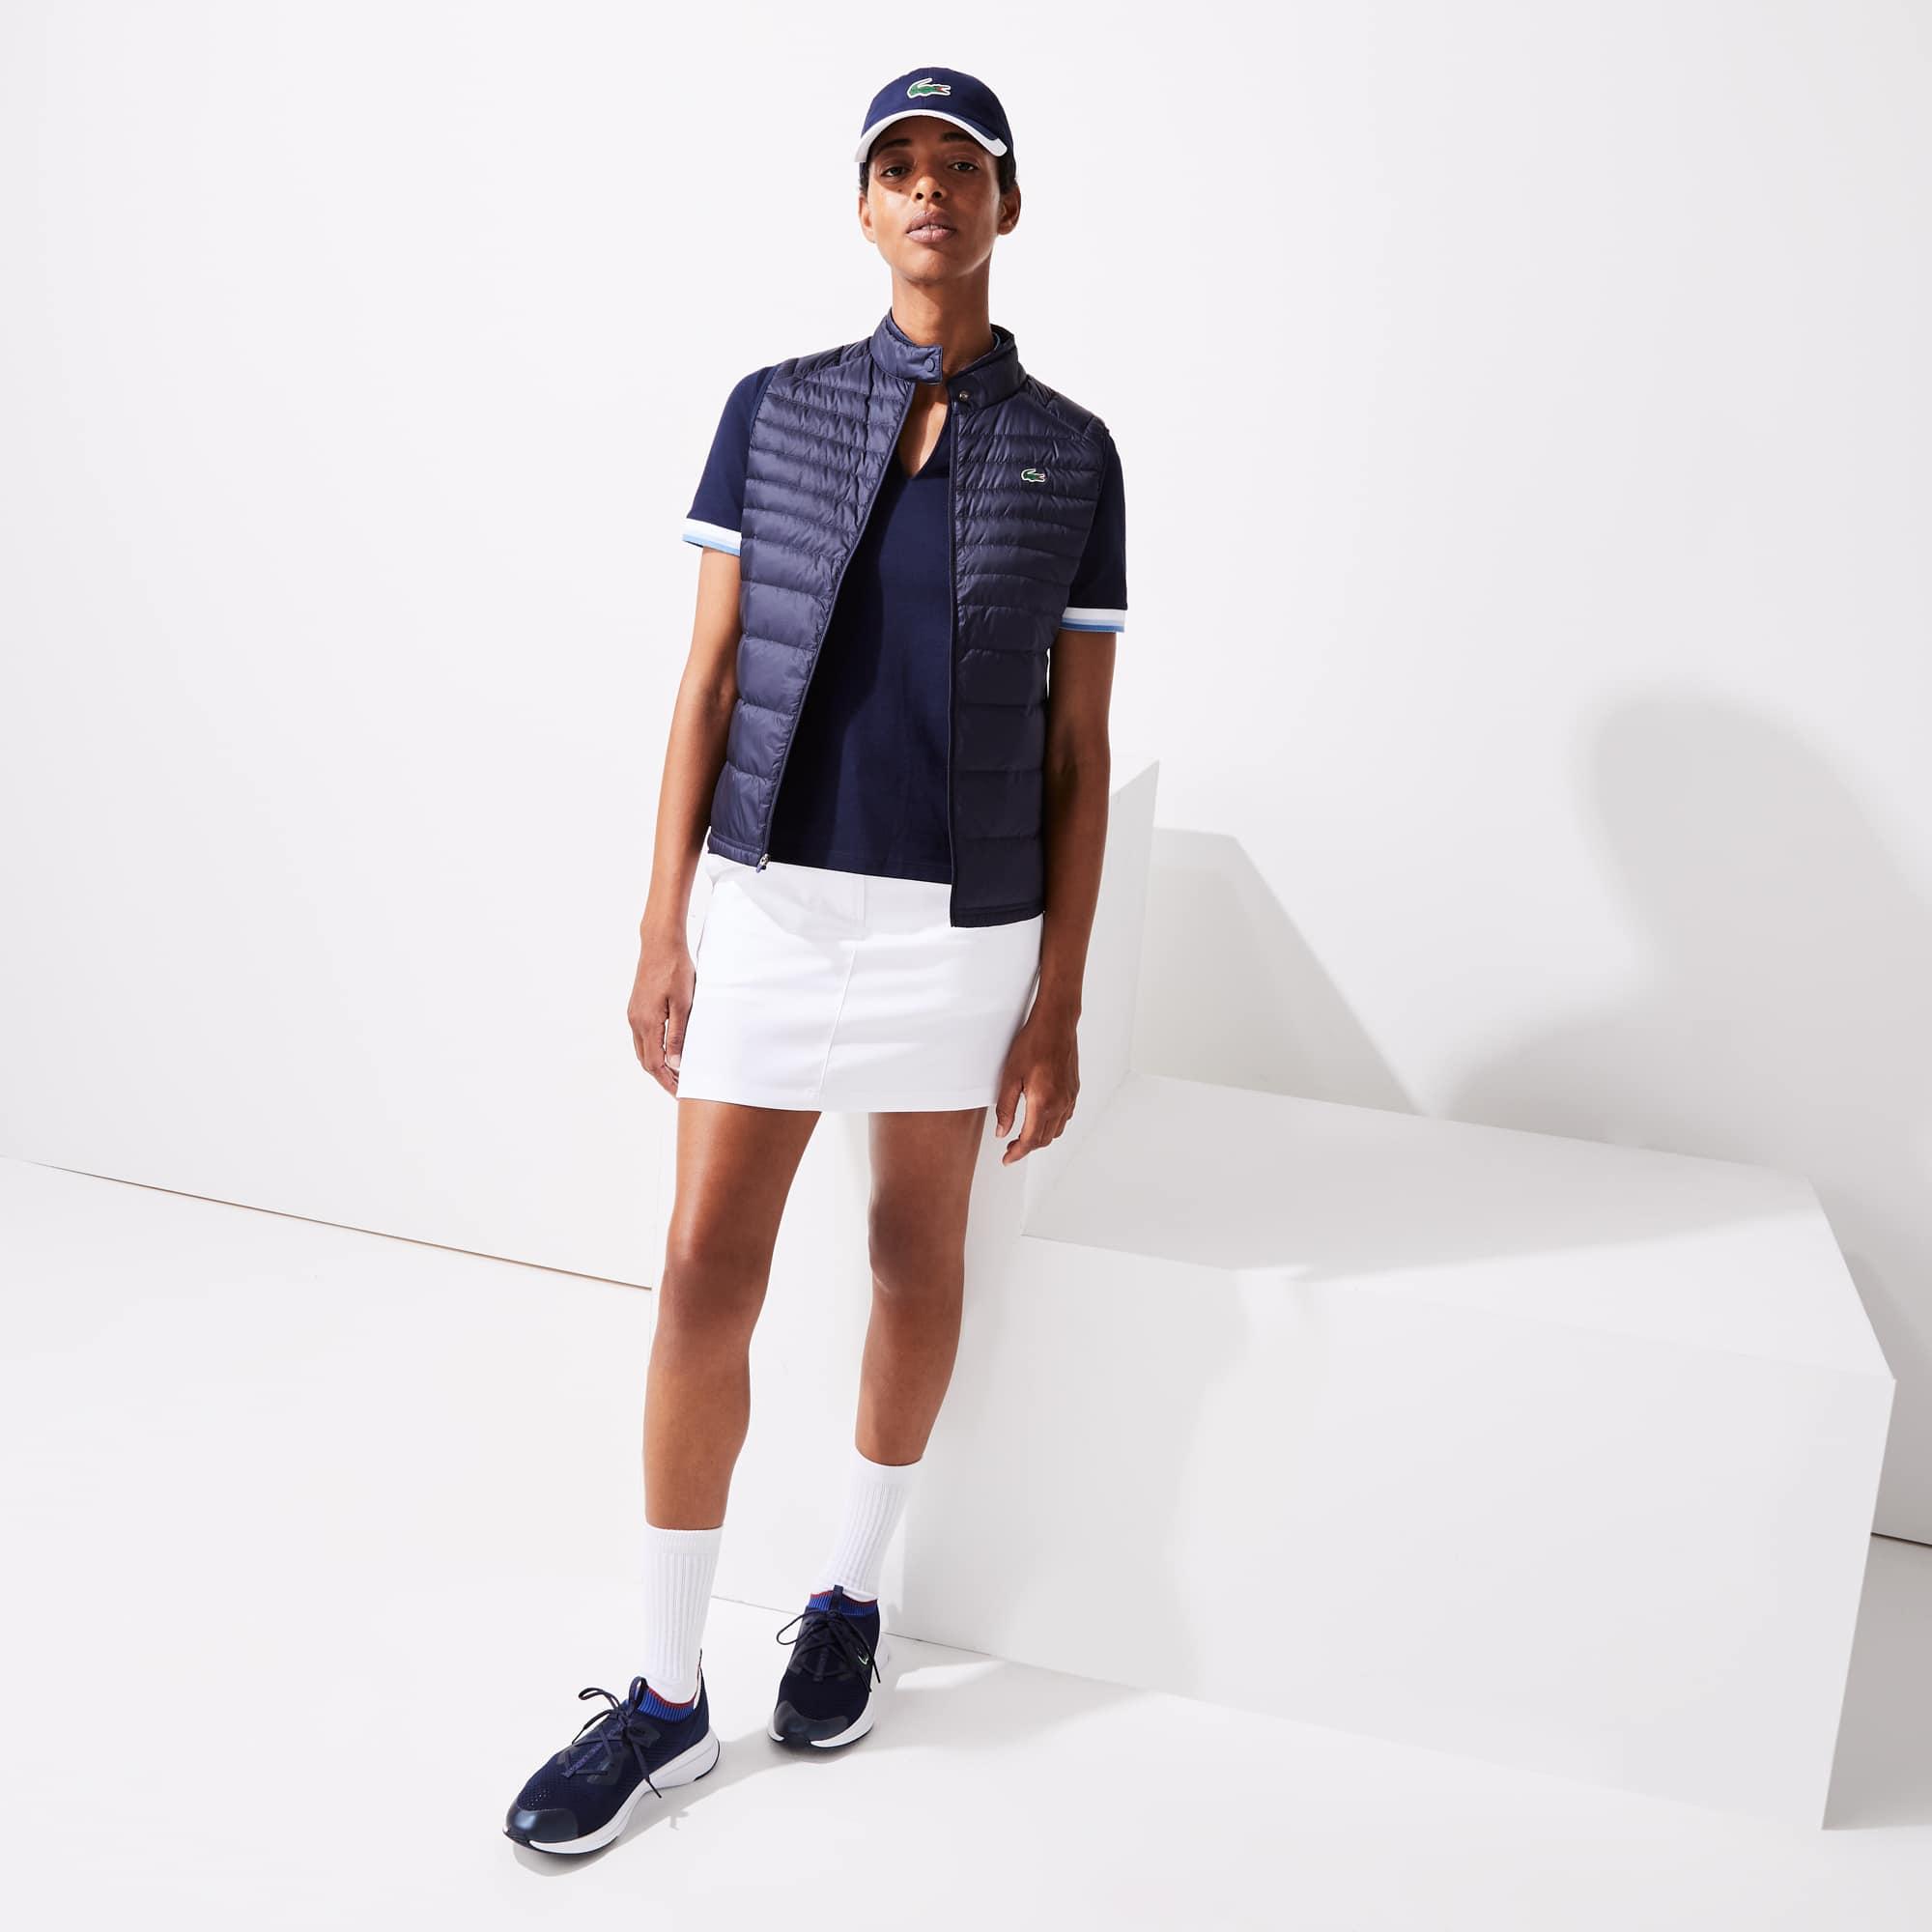 라코스테 스포츠 테크니컬 퀼팅 골프 조끼 - 네이비 Lacoste Womens SPORT Water-Resistant Quilted Technical Golf Vest